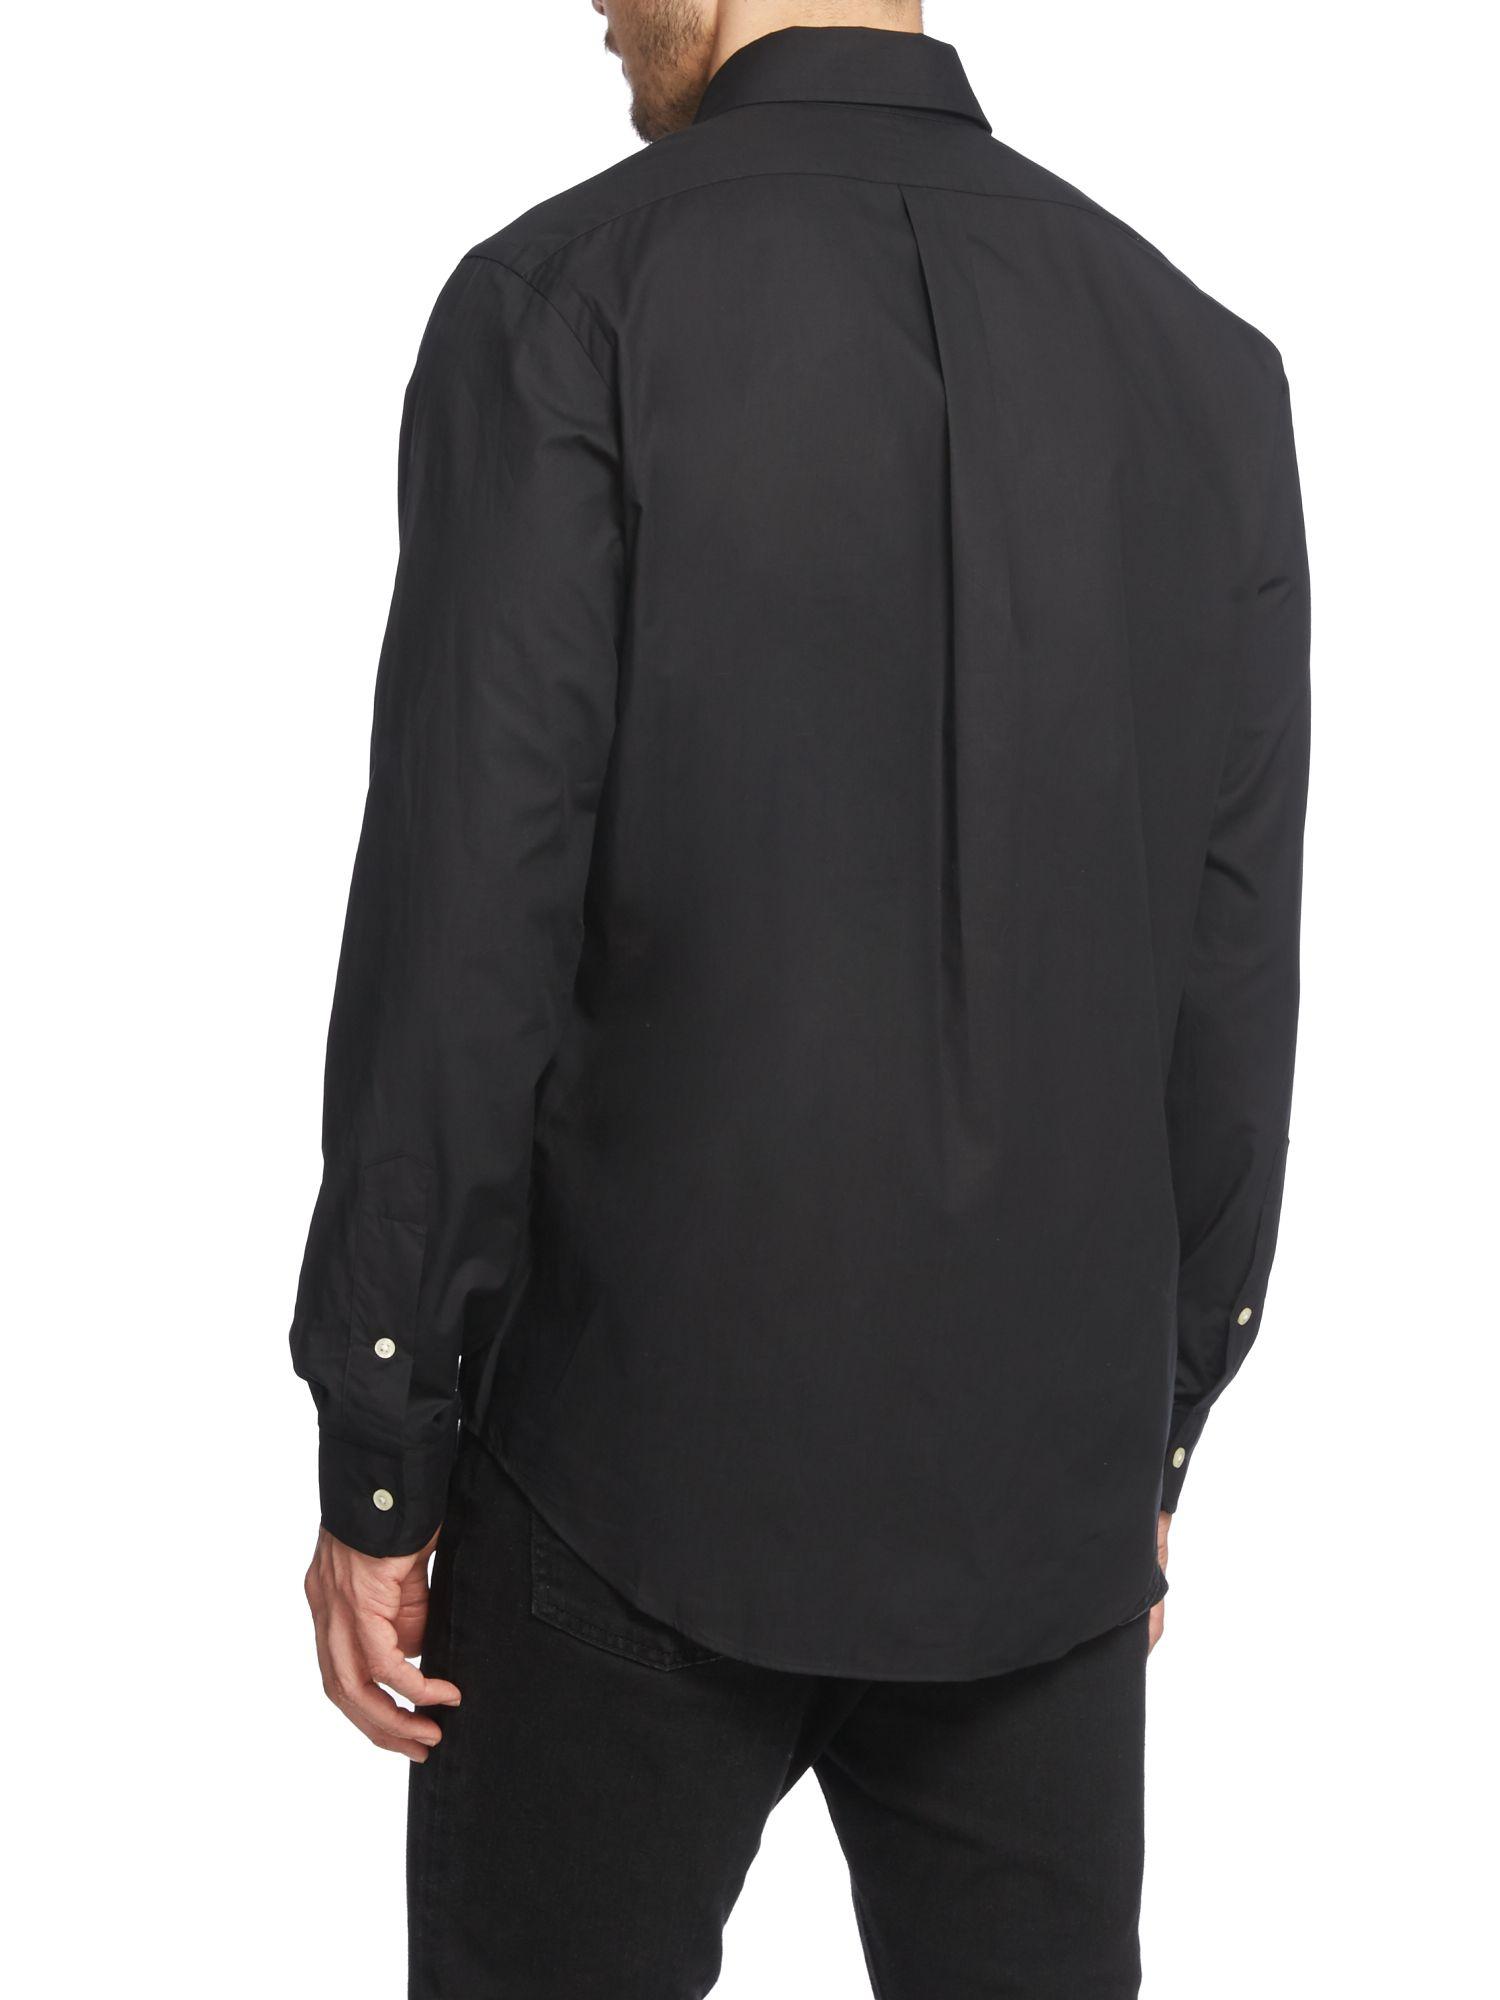 Lyst - Polo ralph lauren Plain Long Sleeve Button Down Shirt in ...